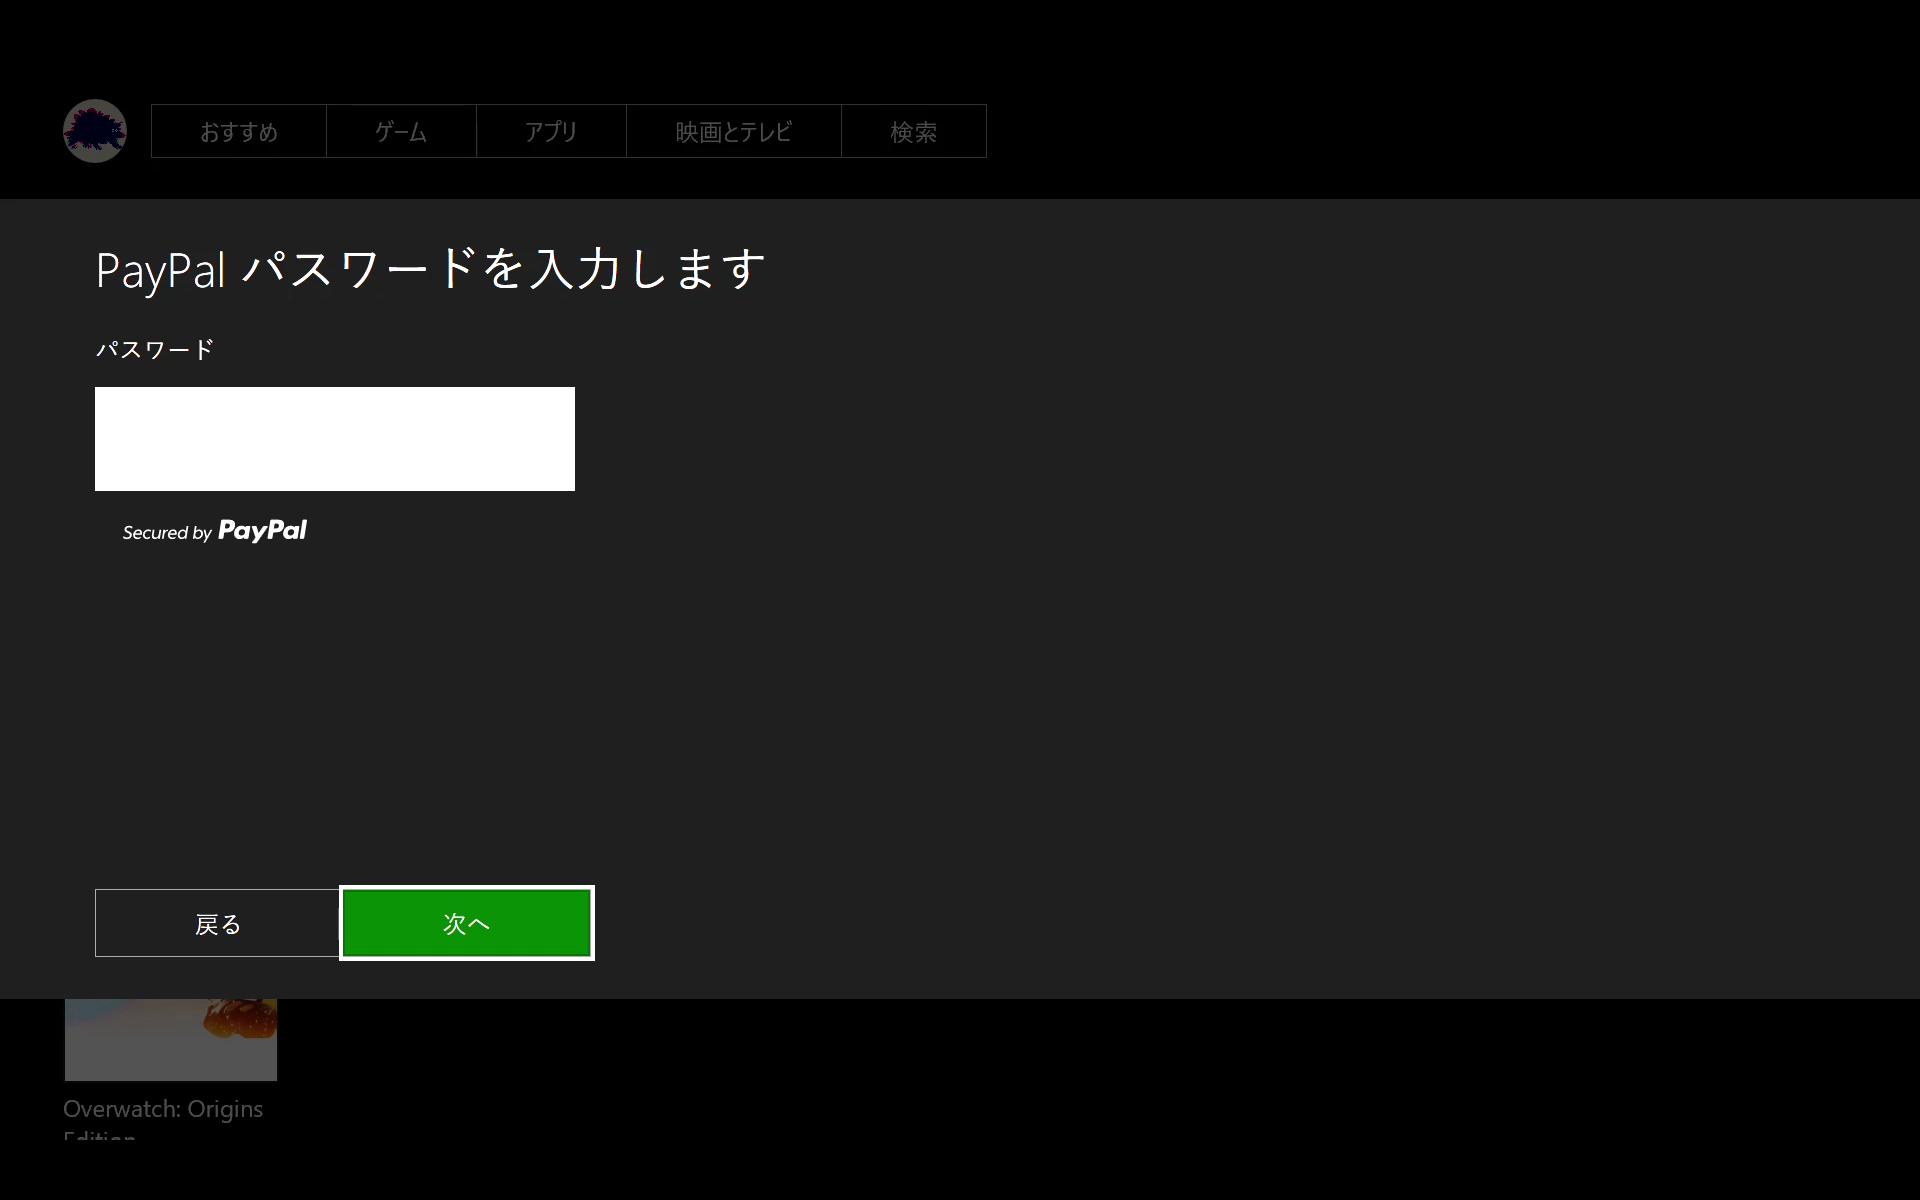 Xbox 2016_08_09 22_18_20